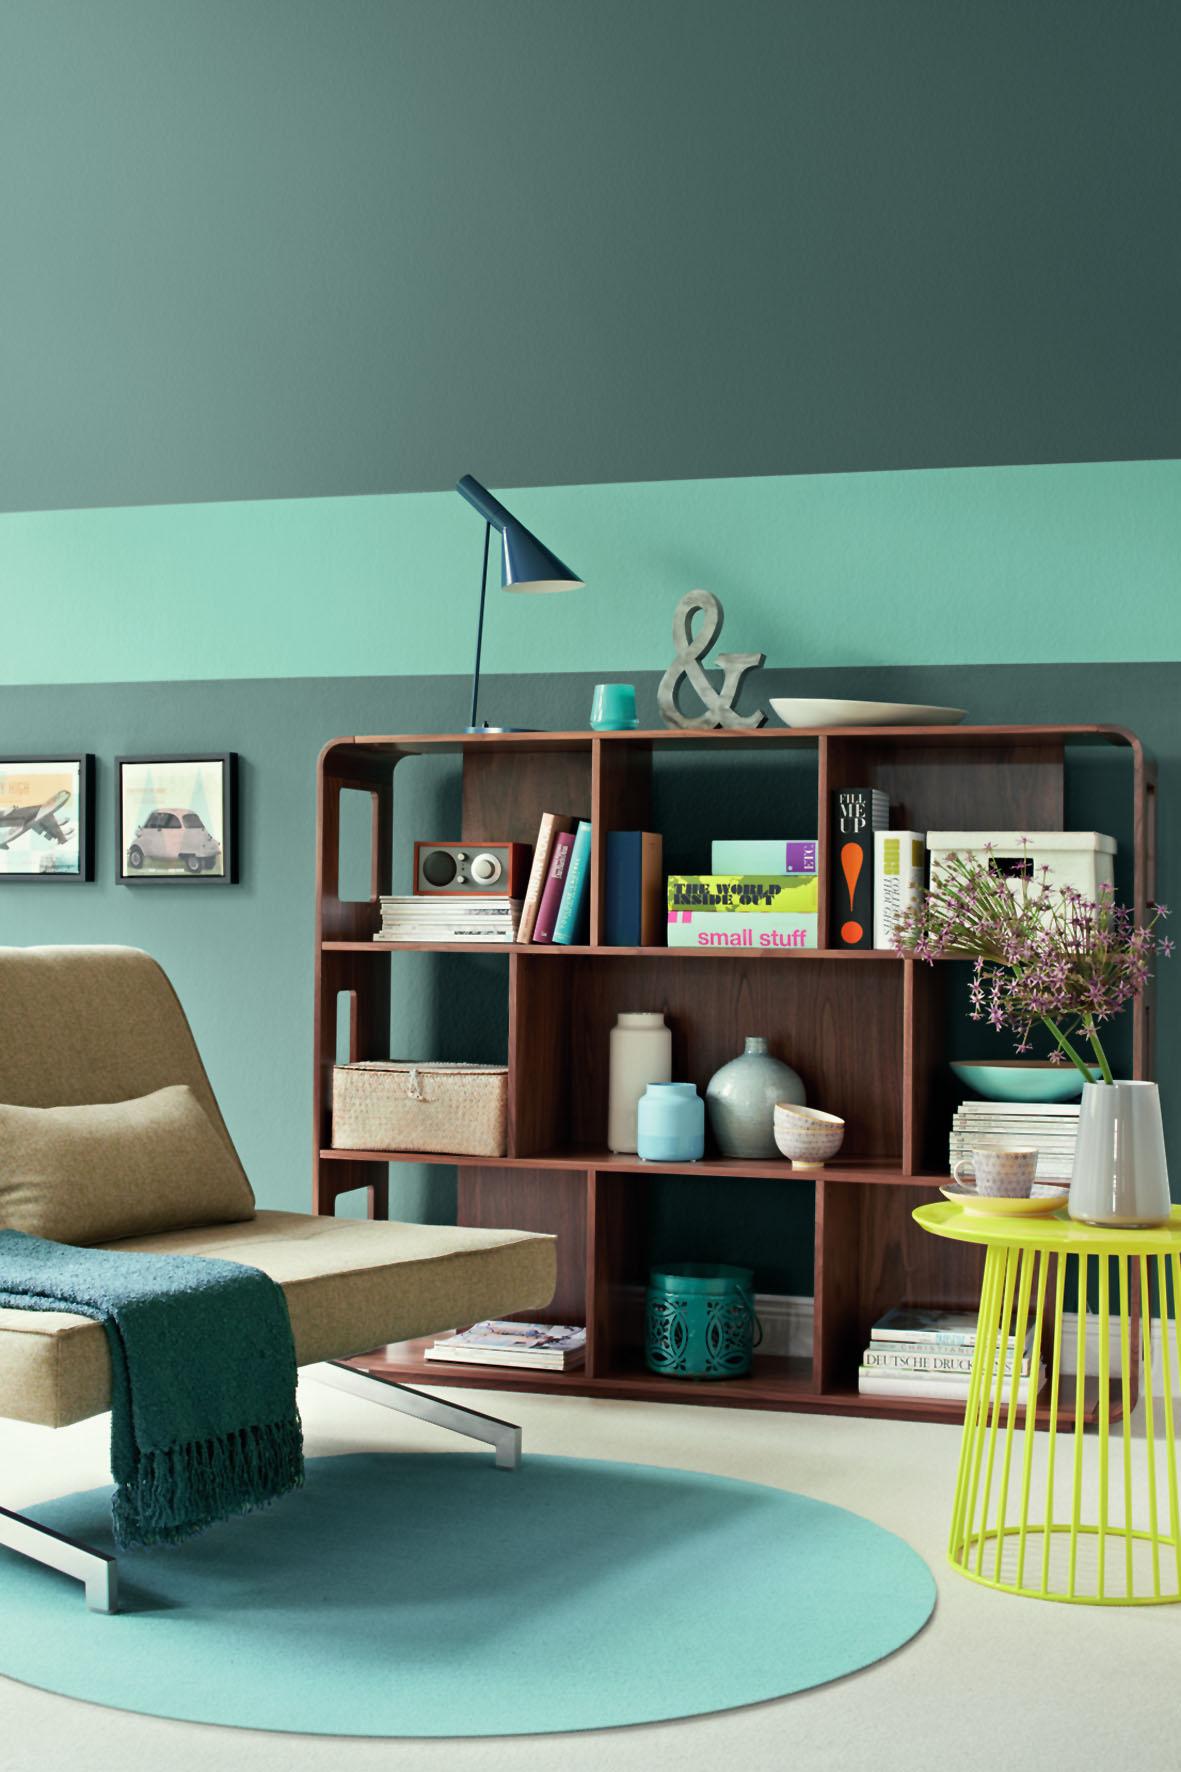 Fantastisch Grüne Farbe Bringt Atmosphäre In Den Raum